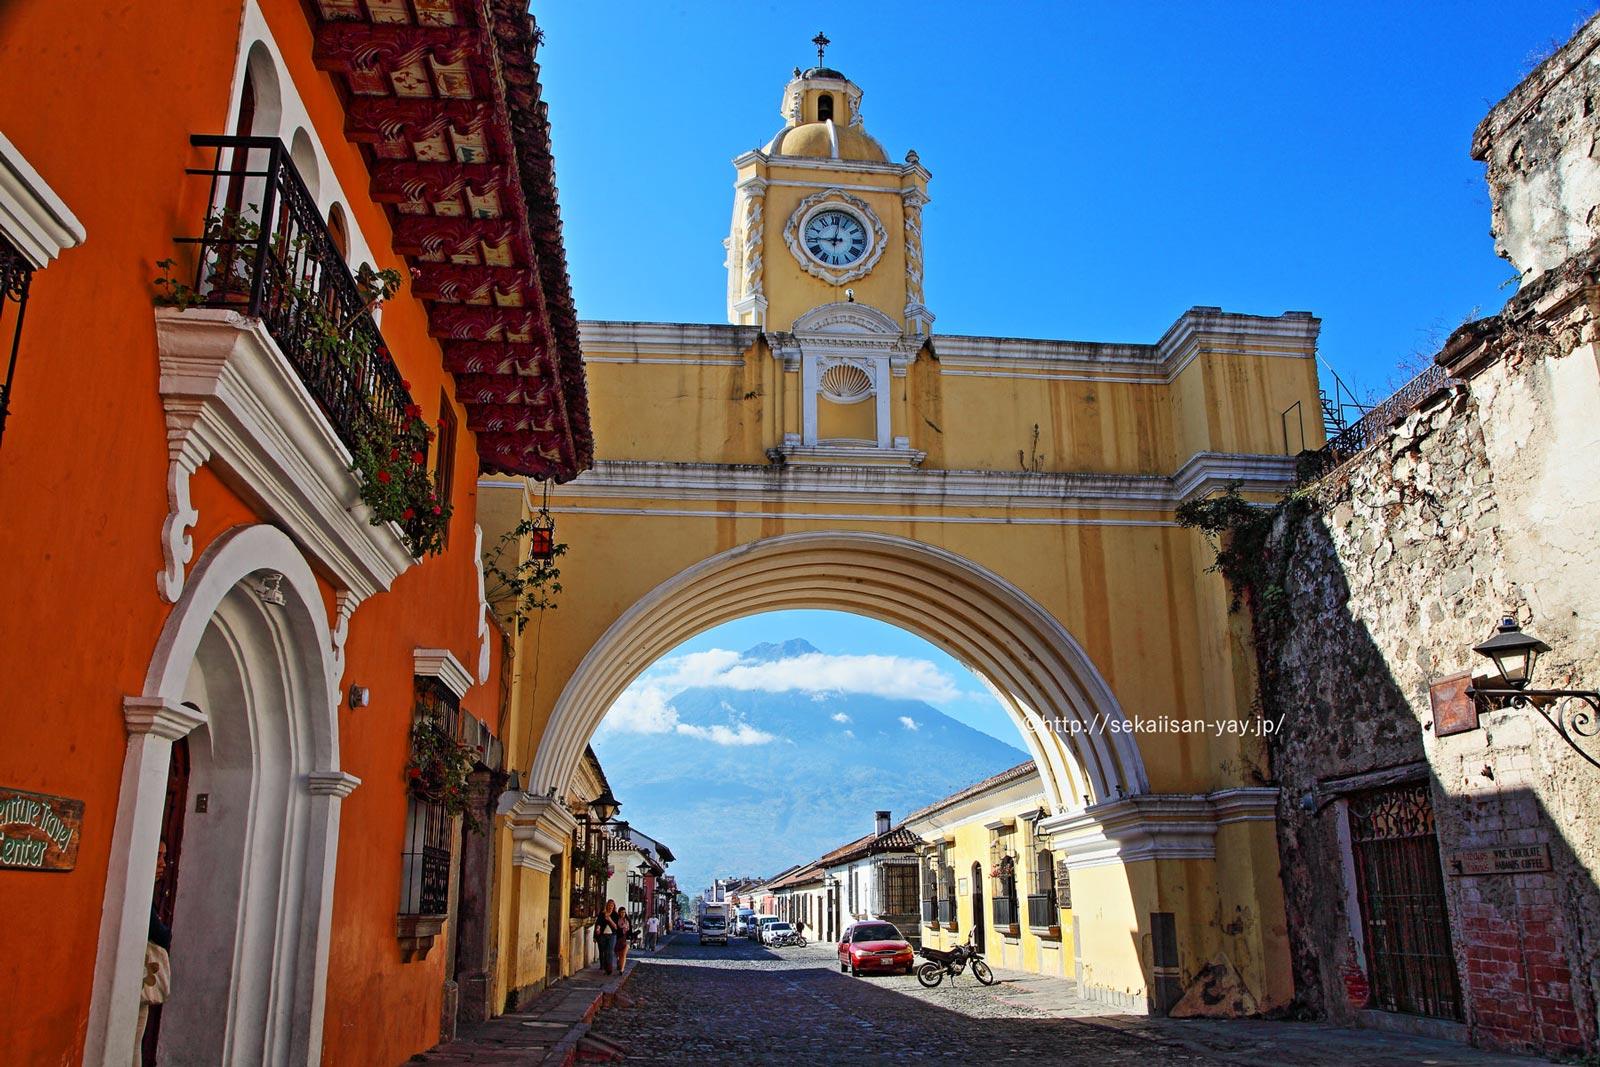 グアテマラ「アンティグァ・グアテマラ」